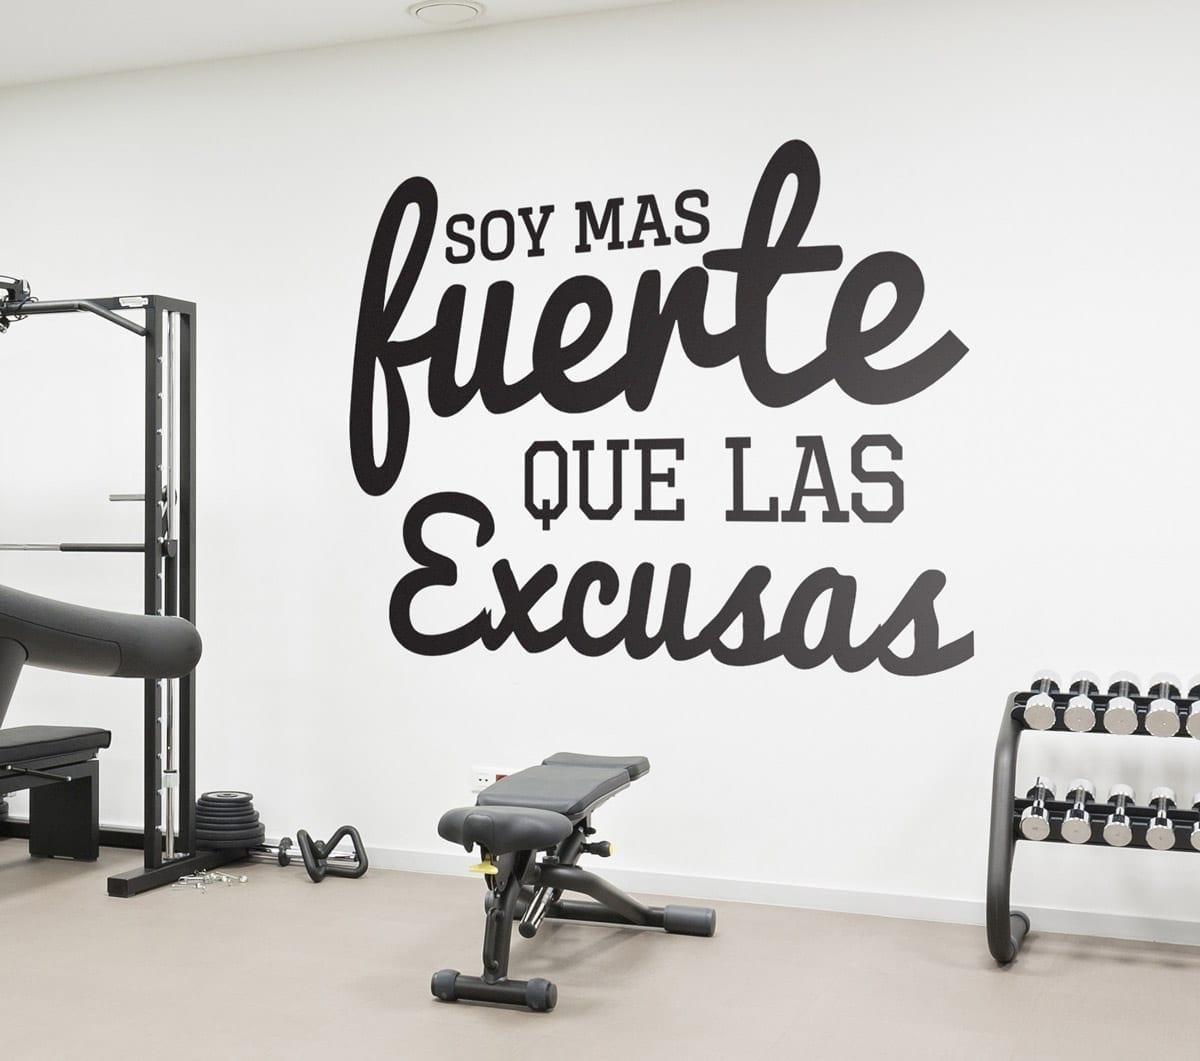 Soy mas fuerte que las excusas frases para el gimnasio - Decoracion de gimnasios ...